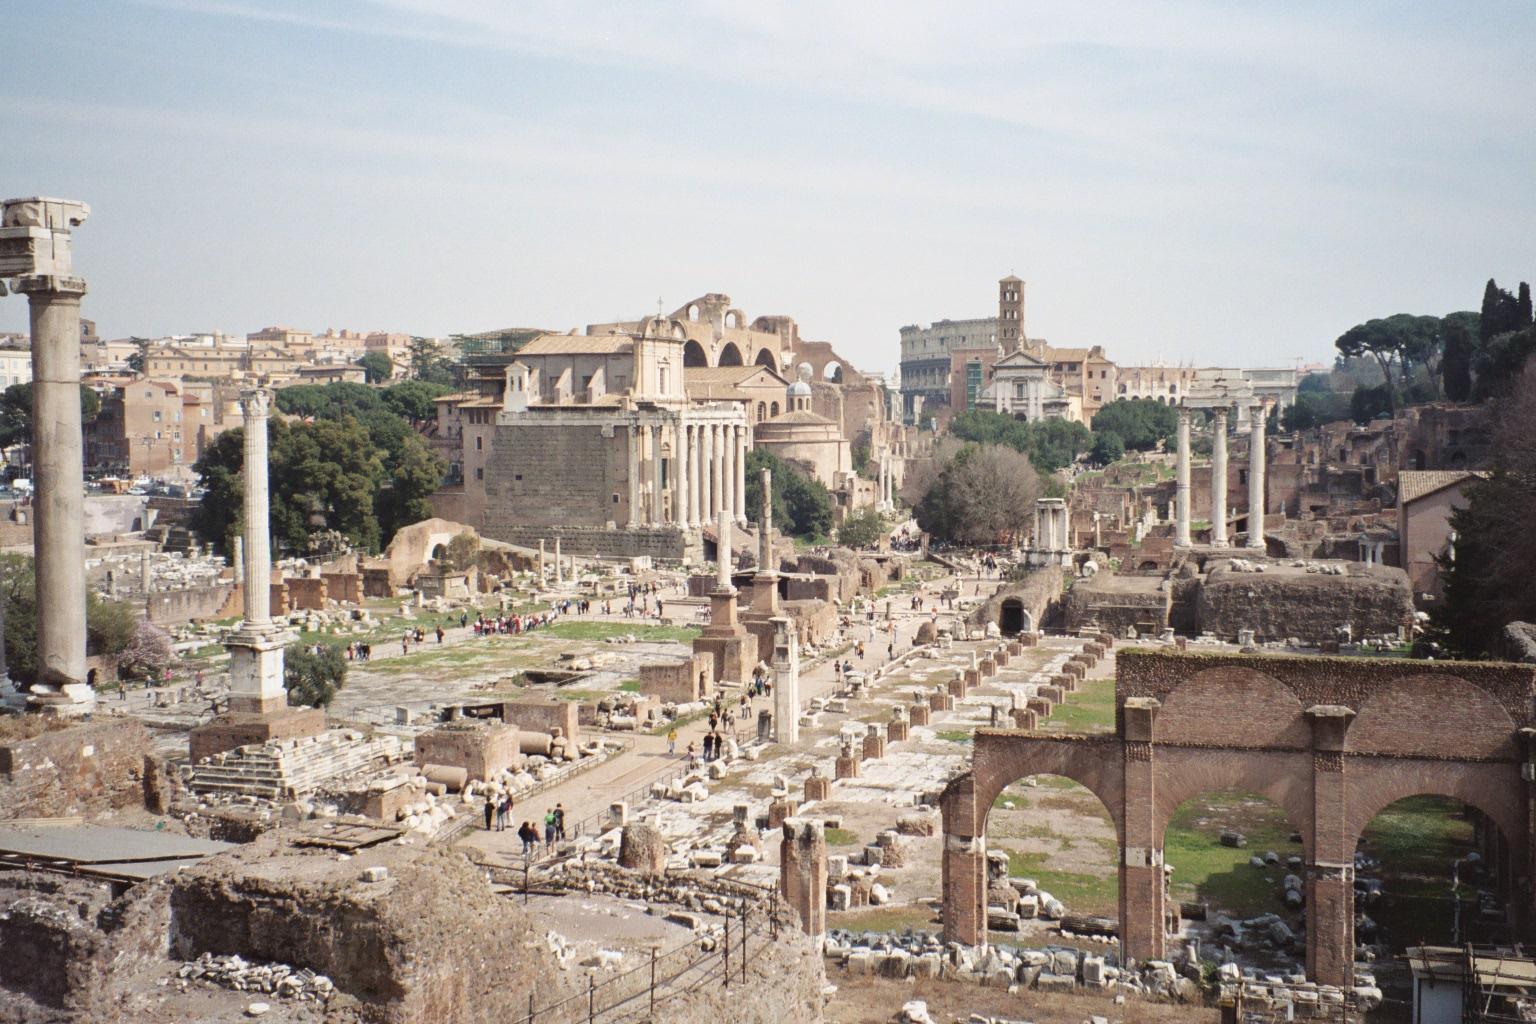 Urbanismo I Formas Y Patrones Urbanos: Roma